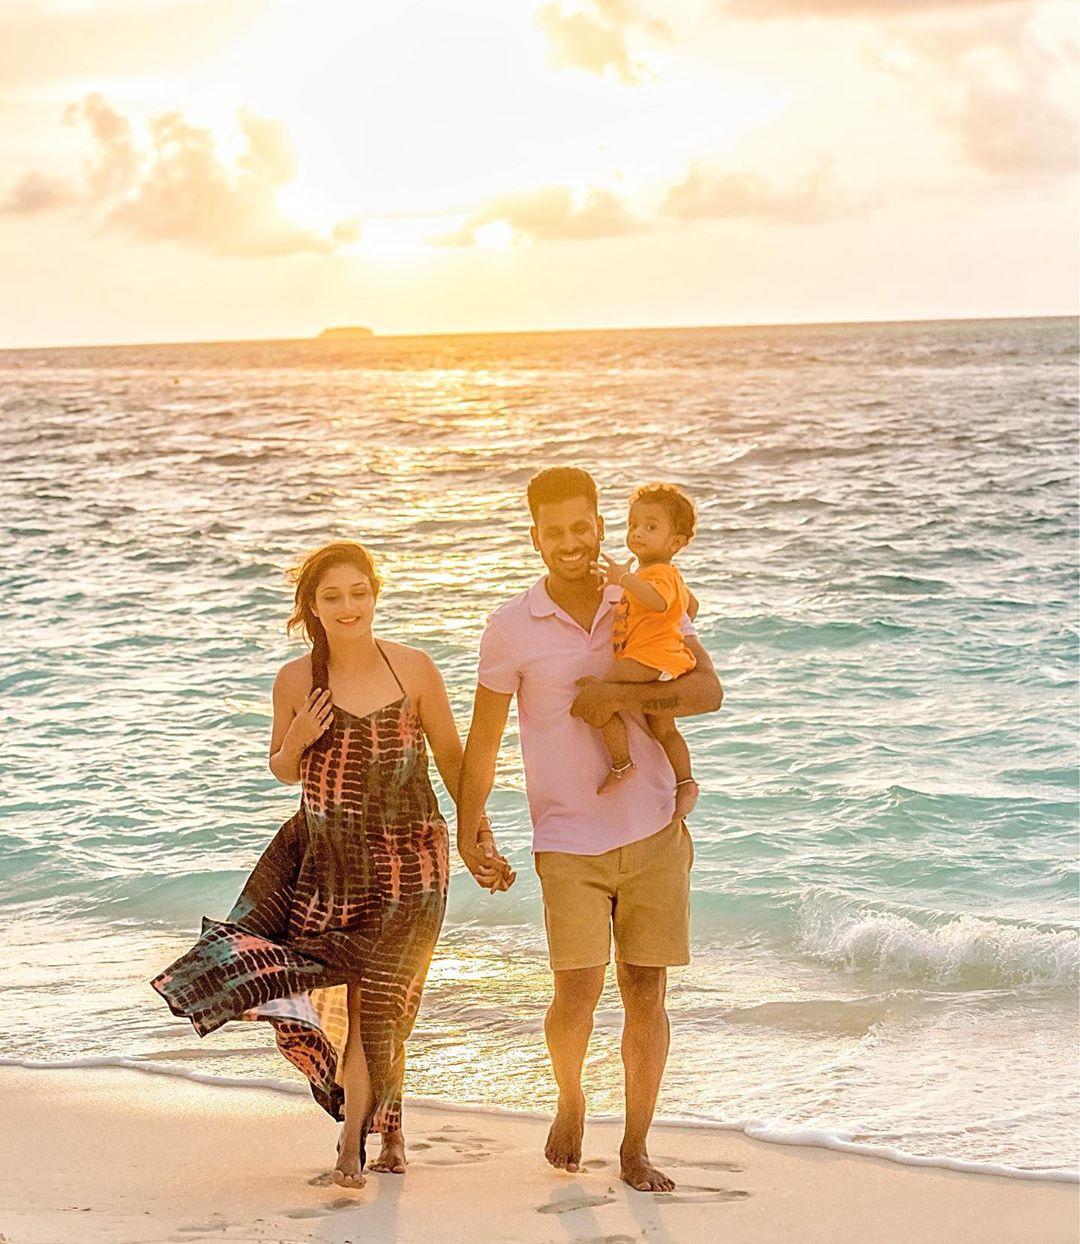 2018मध्ये मनोज आणि सुष्मिता यांना पुत्ररत्न झाला. लग्नानंतर पाच वर्षांनी आई-बाबा झाल्यानंतर मनोजनं आनंद व्यक्त केला होता.